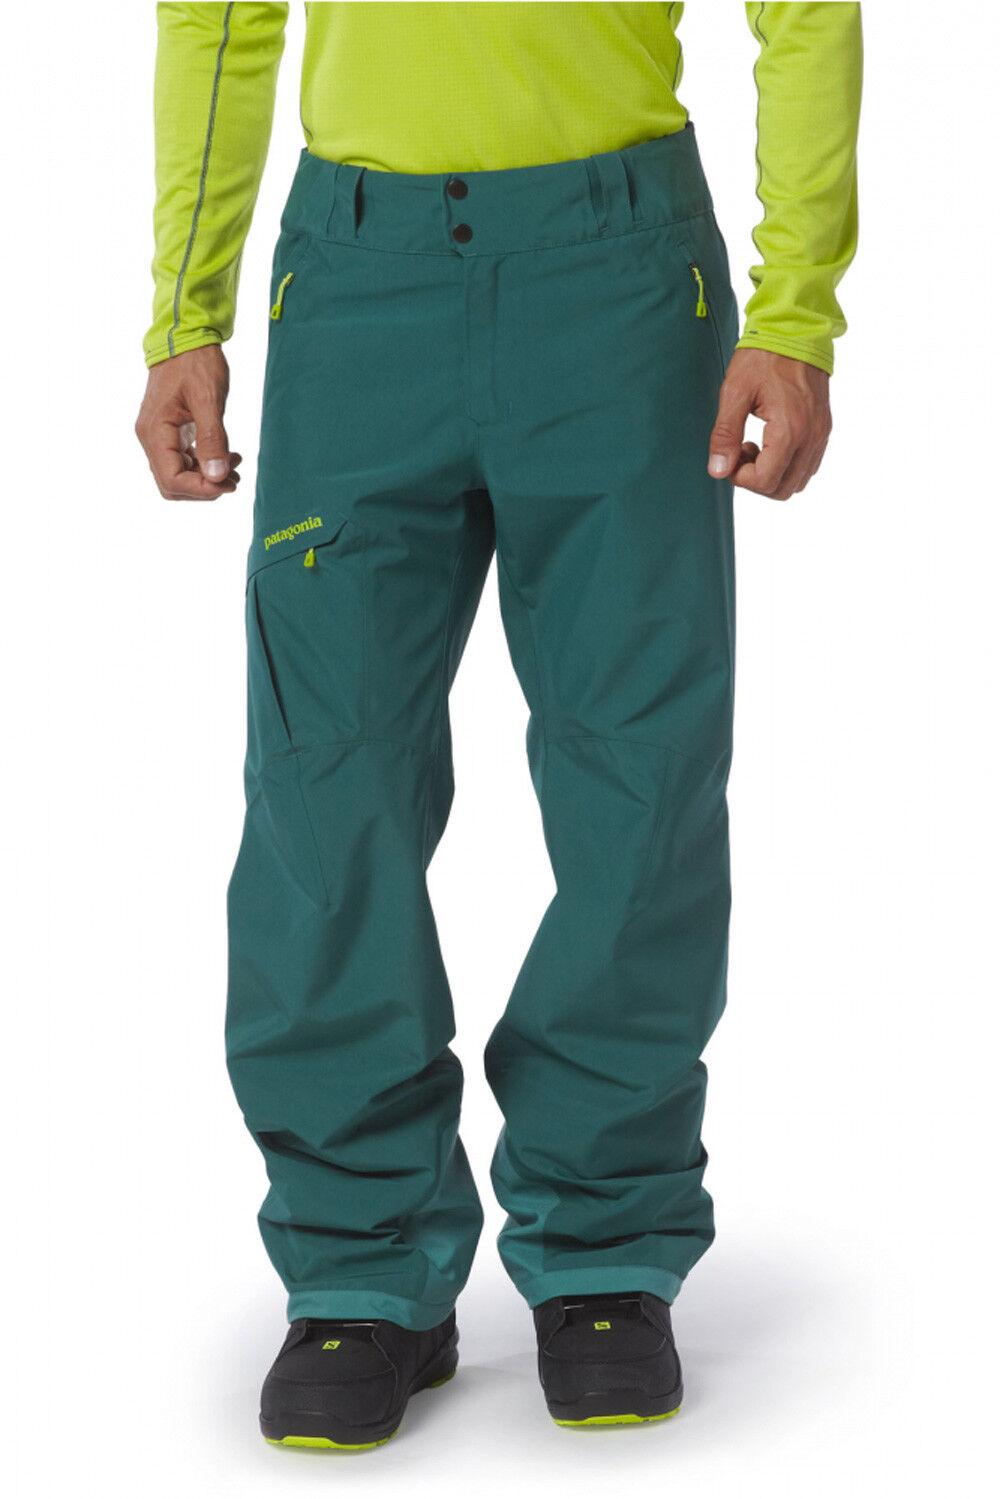 Patagonia Powder Bowl Pants Men- Skihose Hardshell Männer XL Gore Tex UVP 309,-